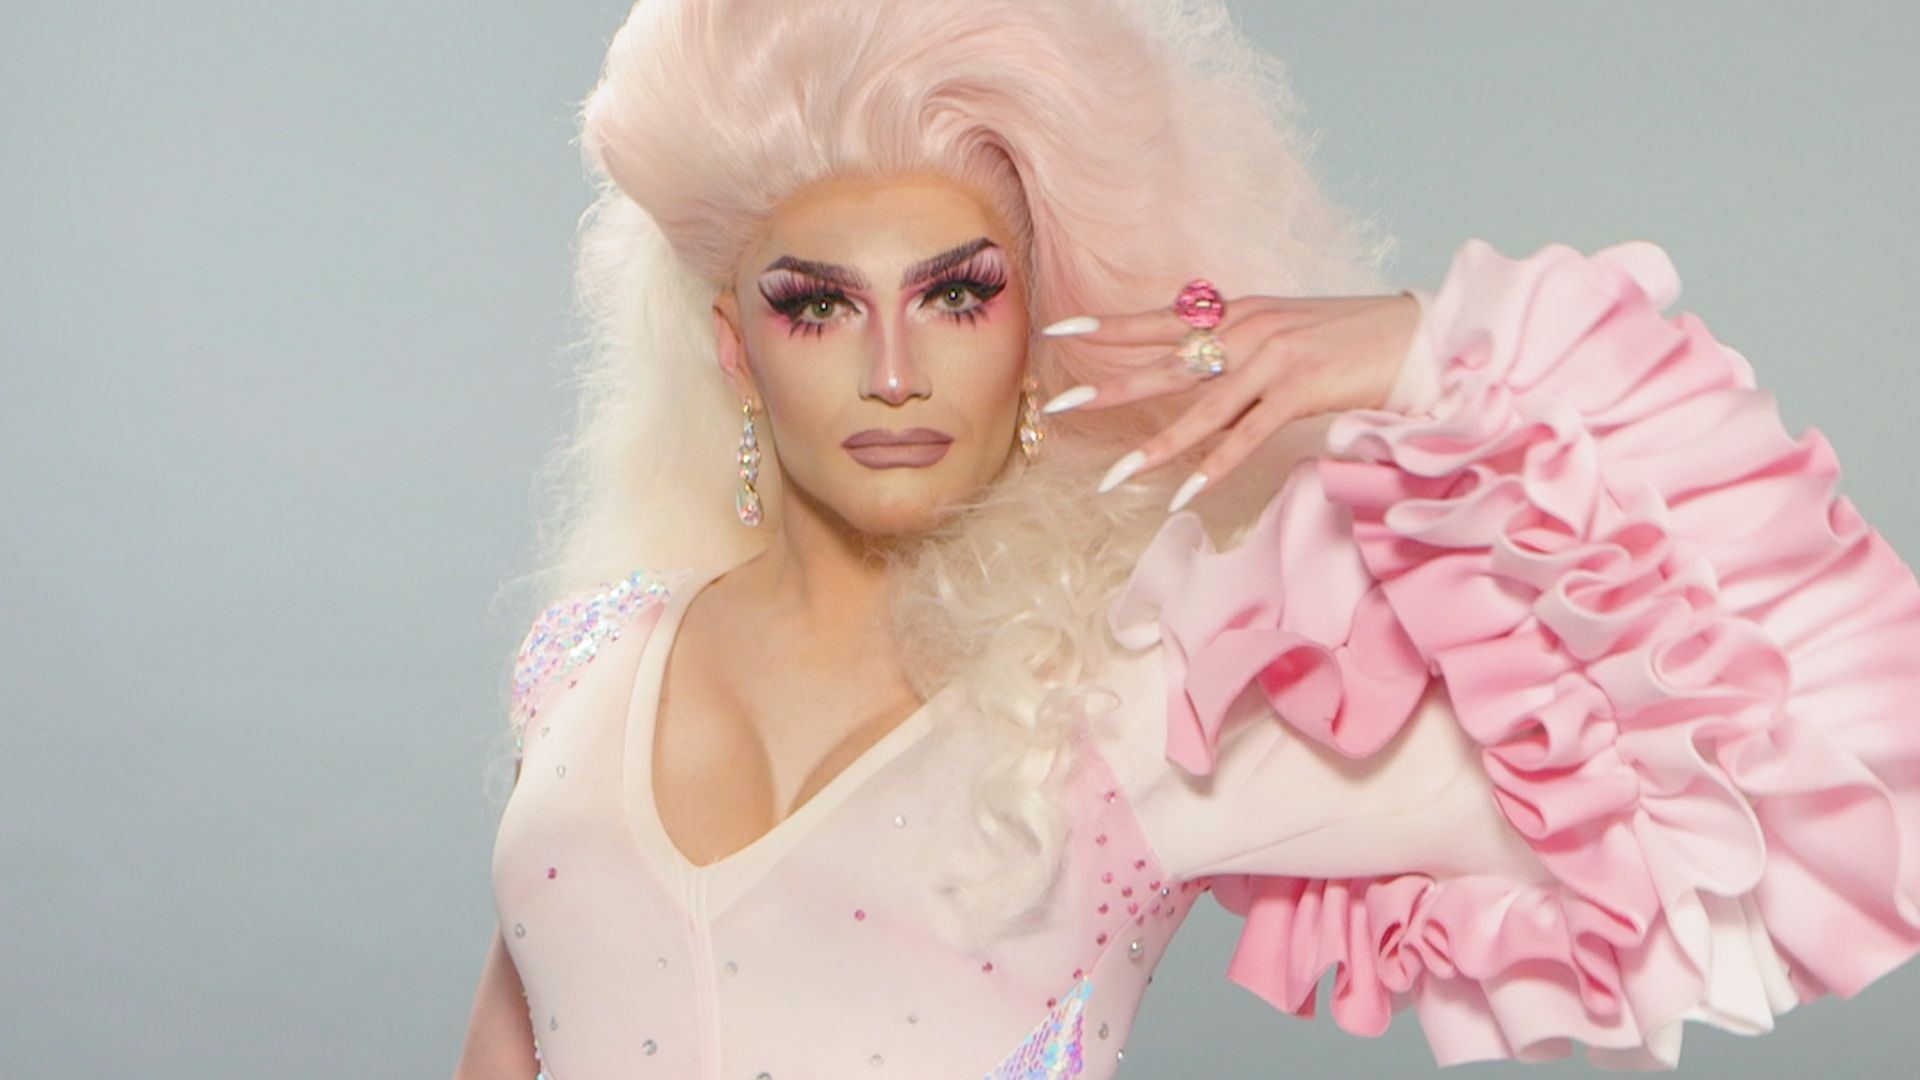 Rosé's Bubblegum Makeup Look Is a Millennial Pink Dream